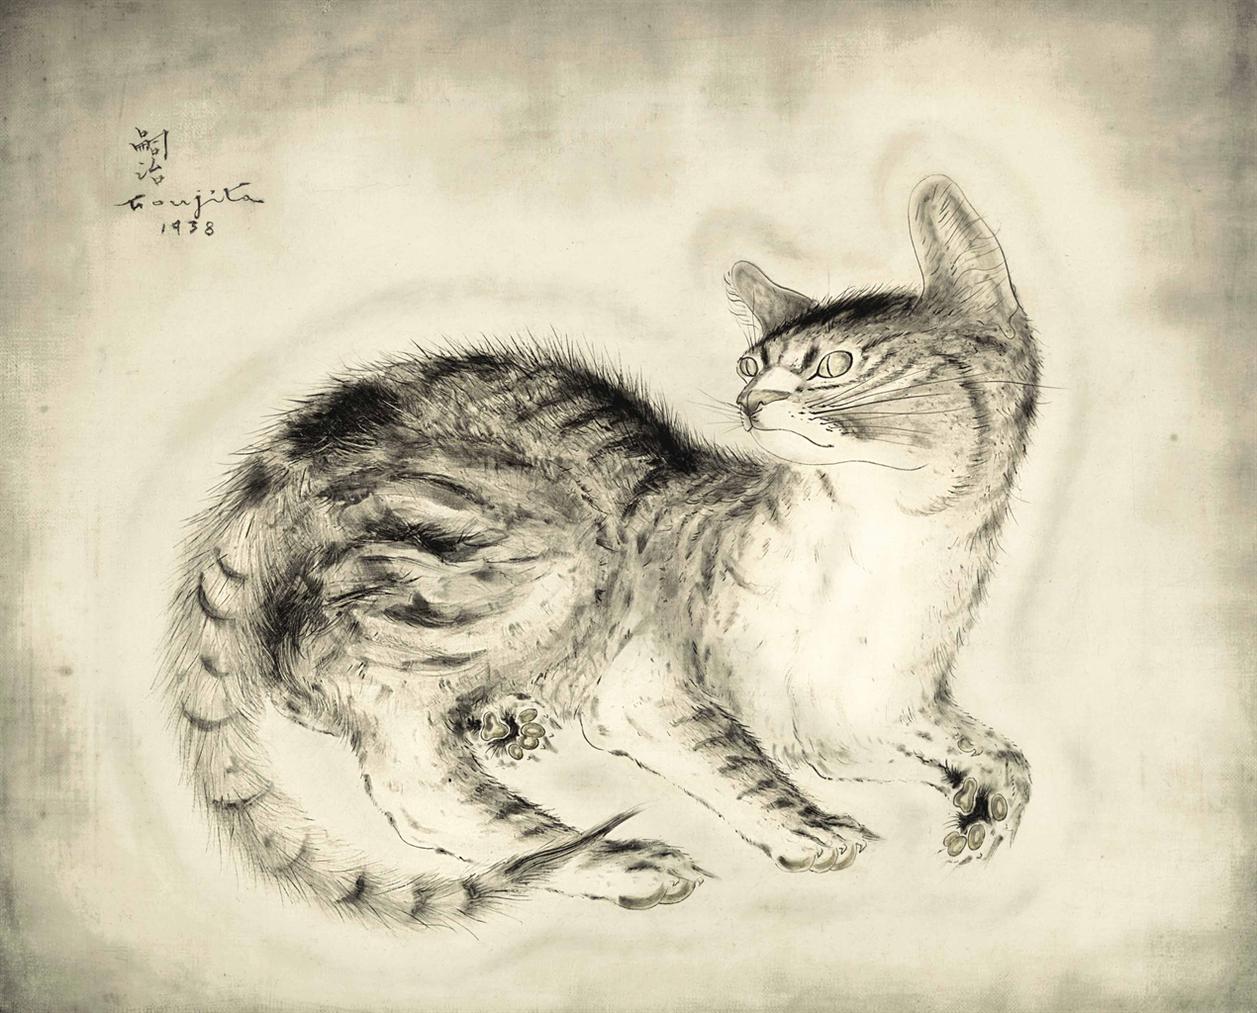 Tsuguharu Foujita-Chat Assis-1938